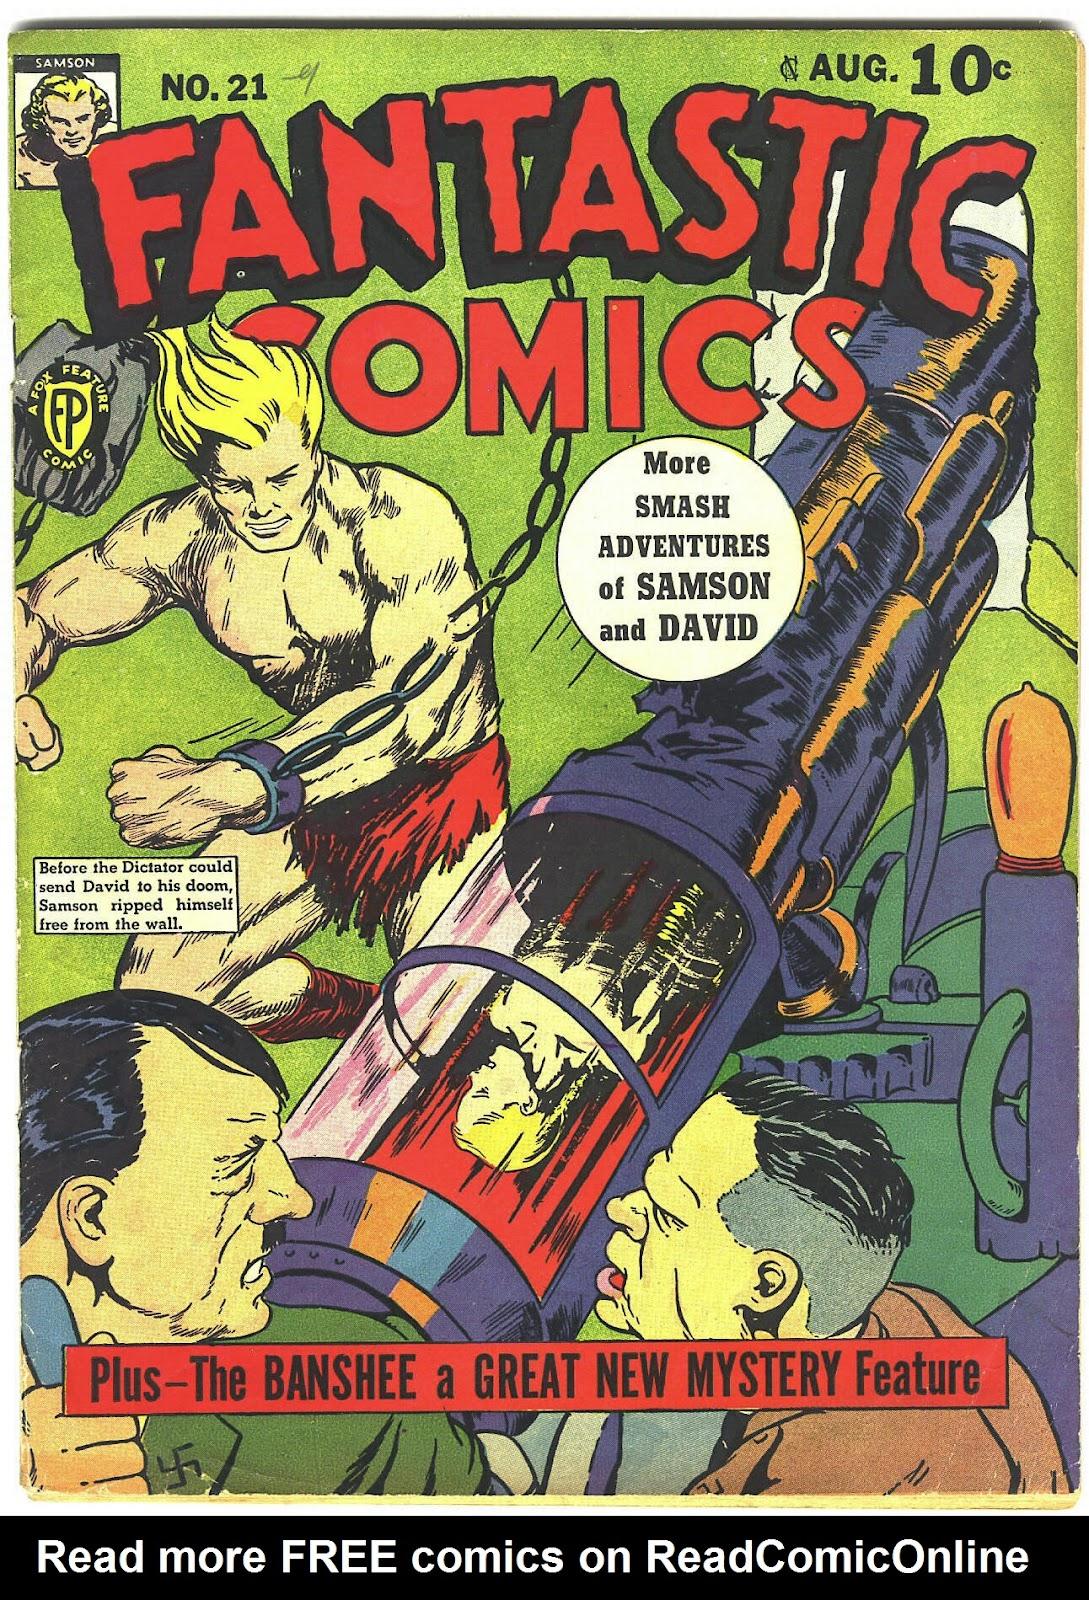 Read online Fantastic Comics comic -  Issue #21 - 1